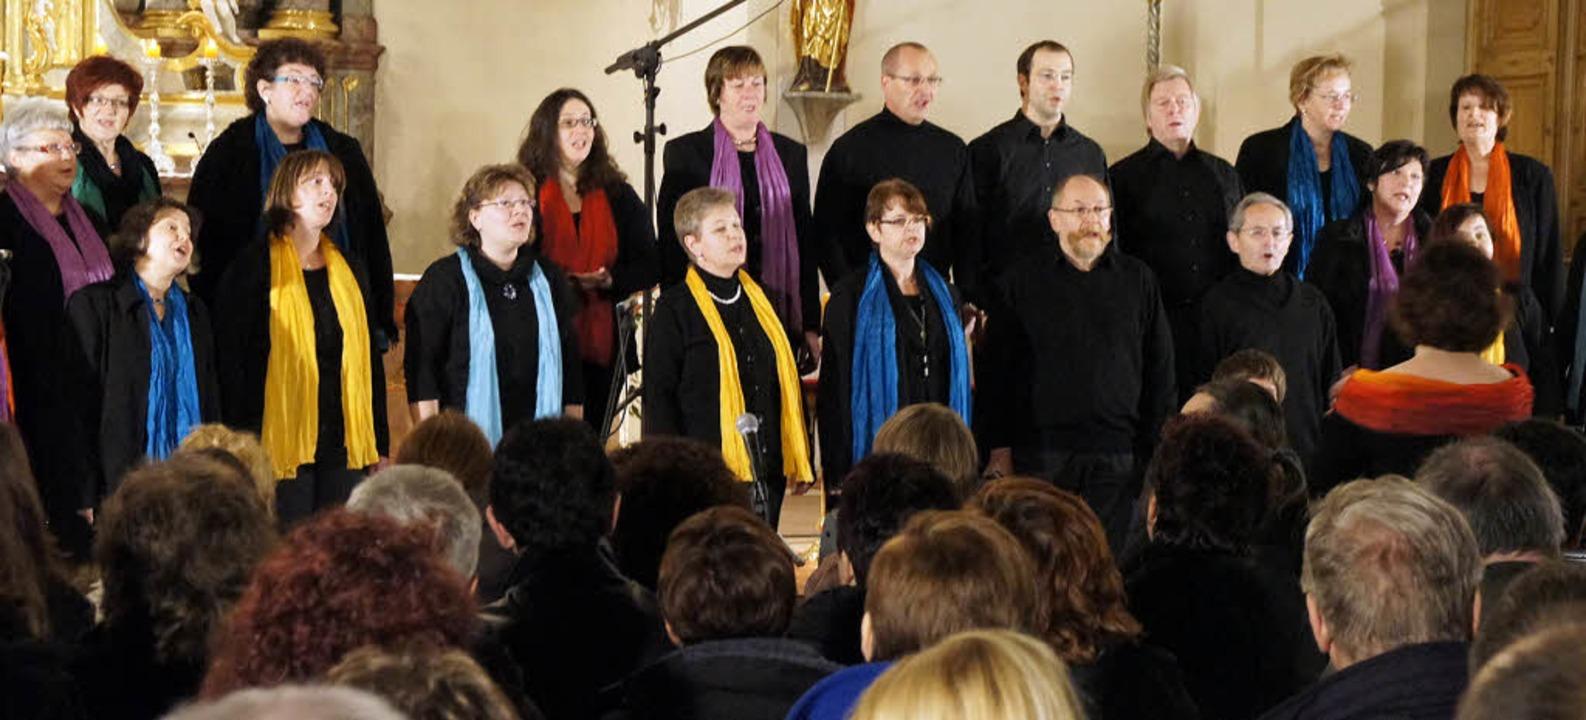 Am Freitag gaben die Gospel Singers un...ia Christ ein Konzert in Sankt Ulrich.  | Foto: Hüge